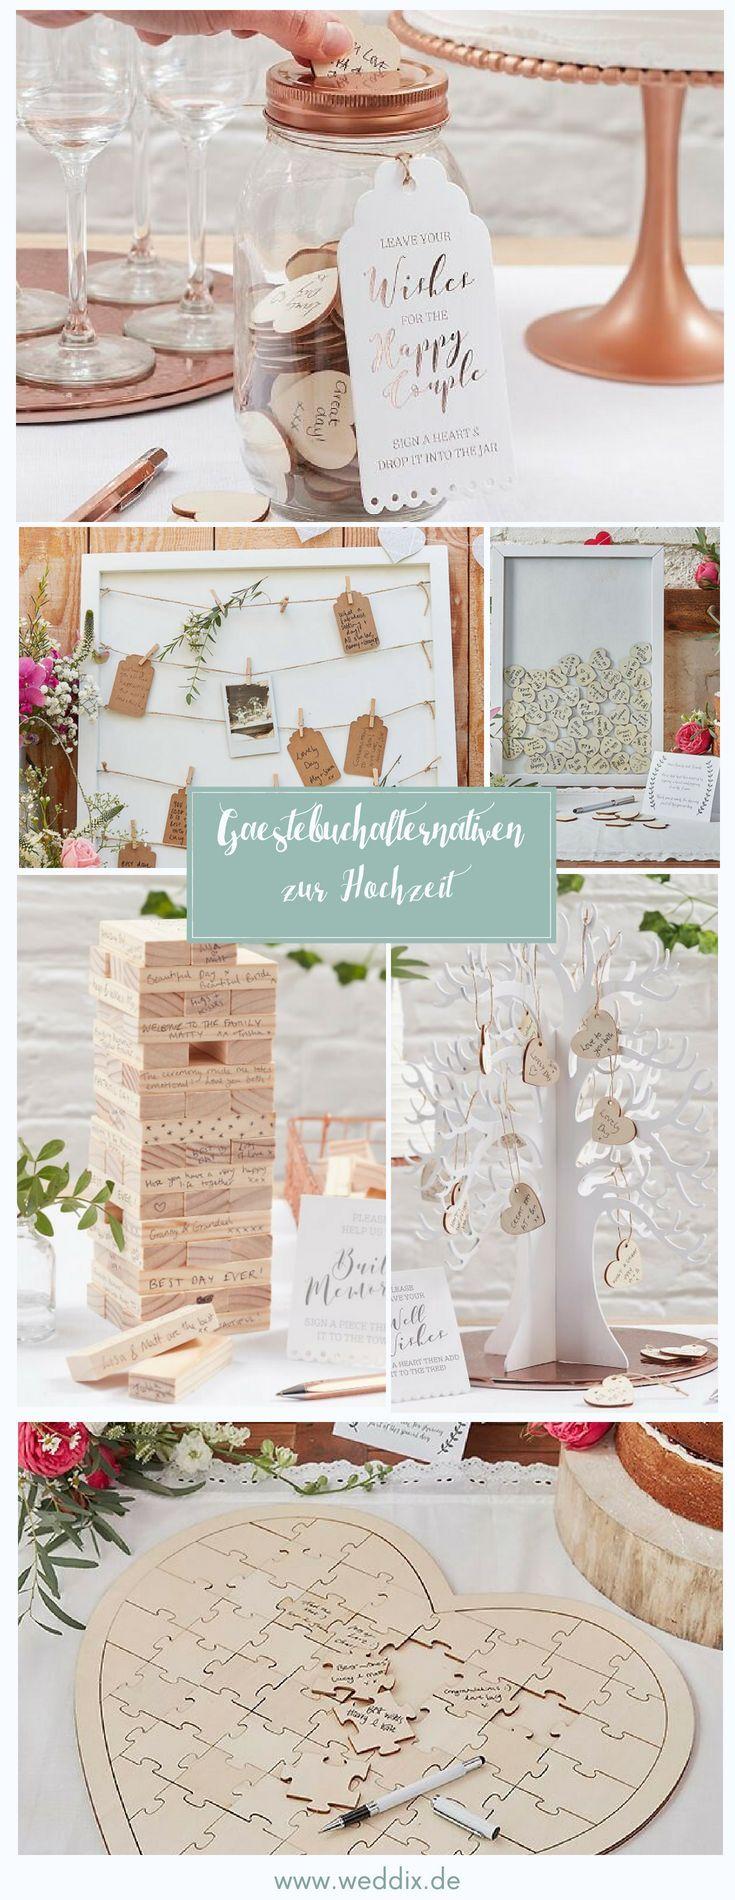 Die Schonsten Gastebuchalternativen Fur Eure Hochzeit Gastebuch